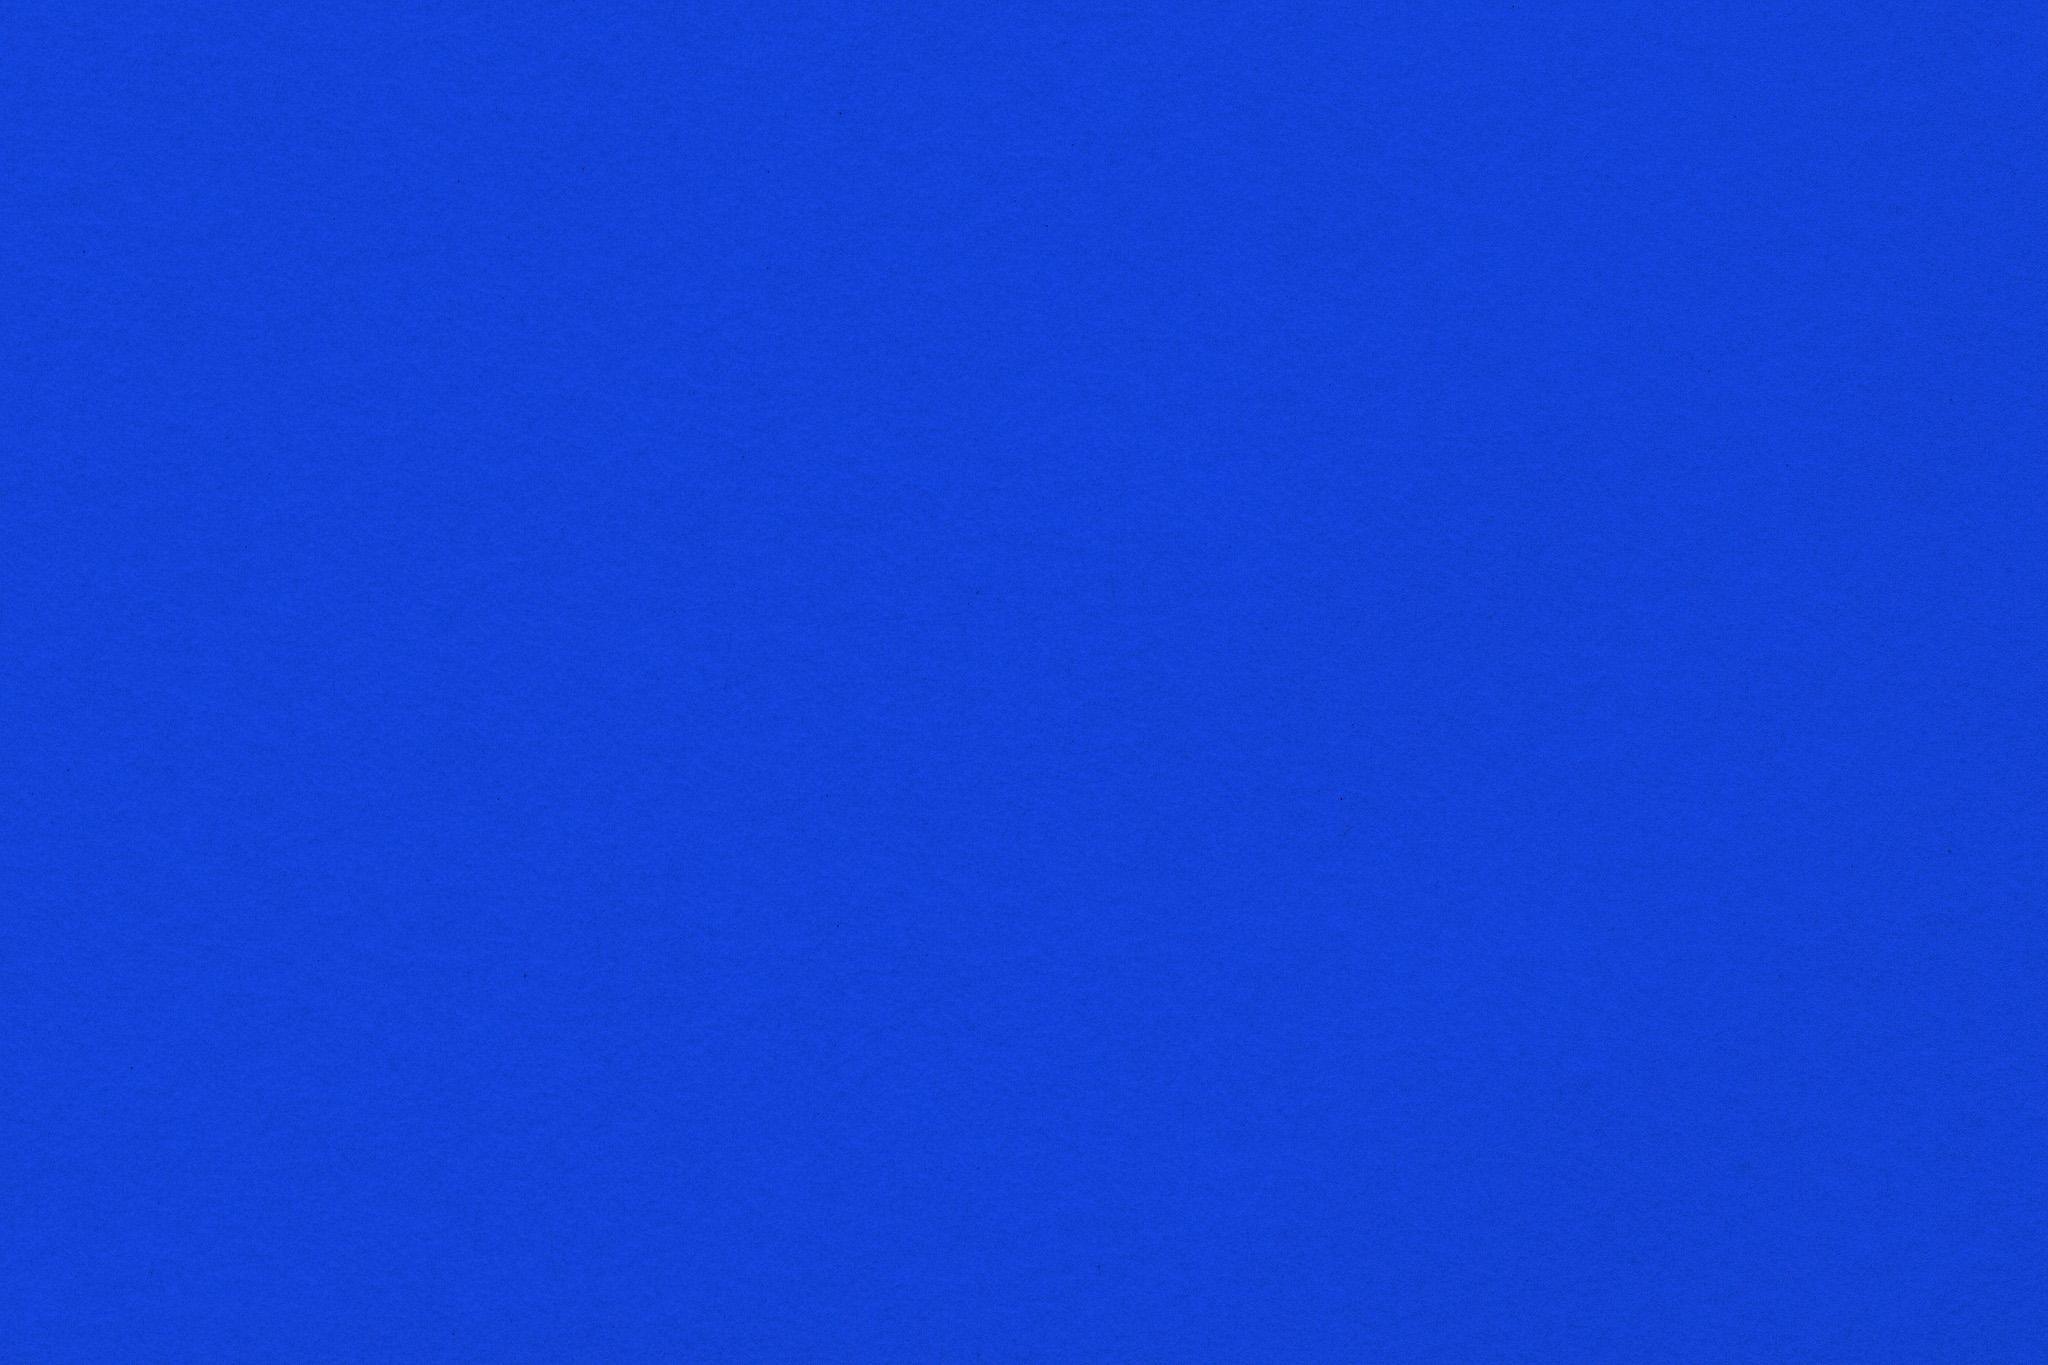 「滑らかな表面の紺色の紙」の画像を無料ダウンロード